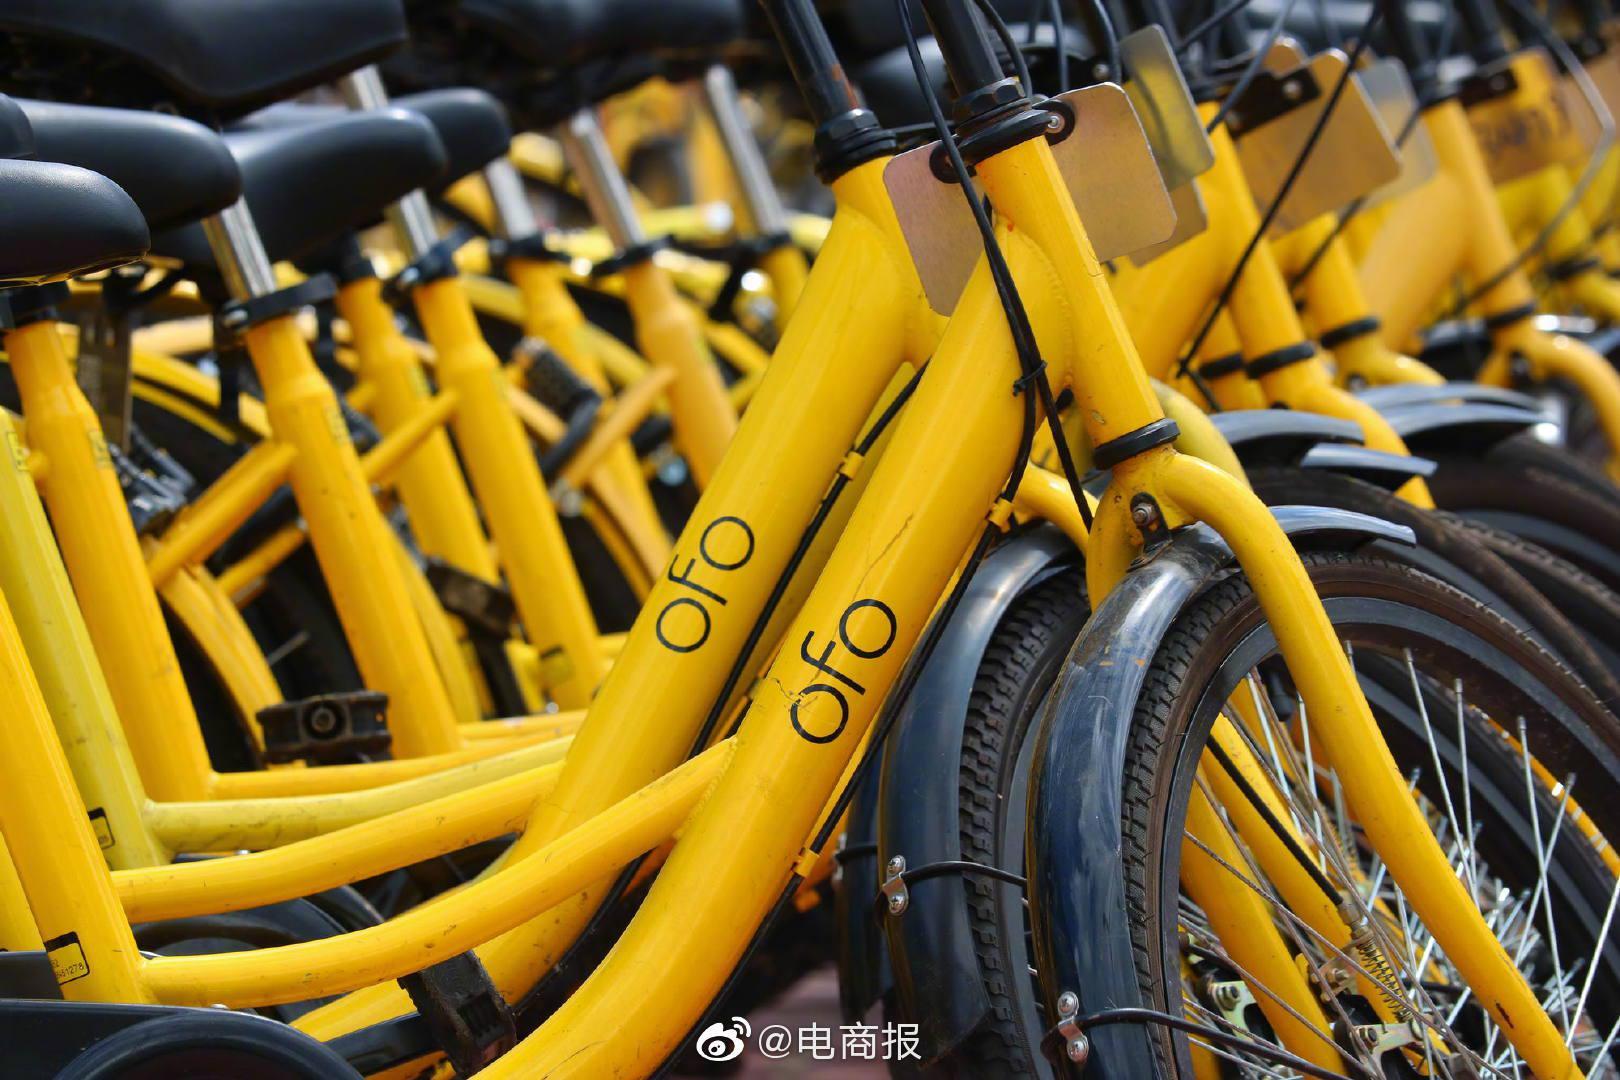 ofo小黄车的运营公司东峡大通(北京)管理咨询有限公司因数据传输中断……